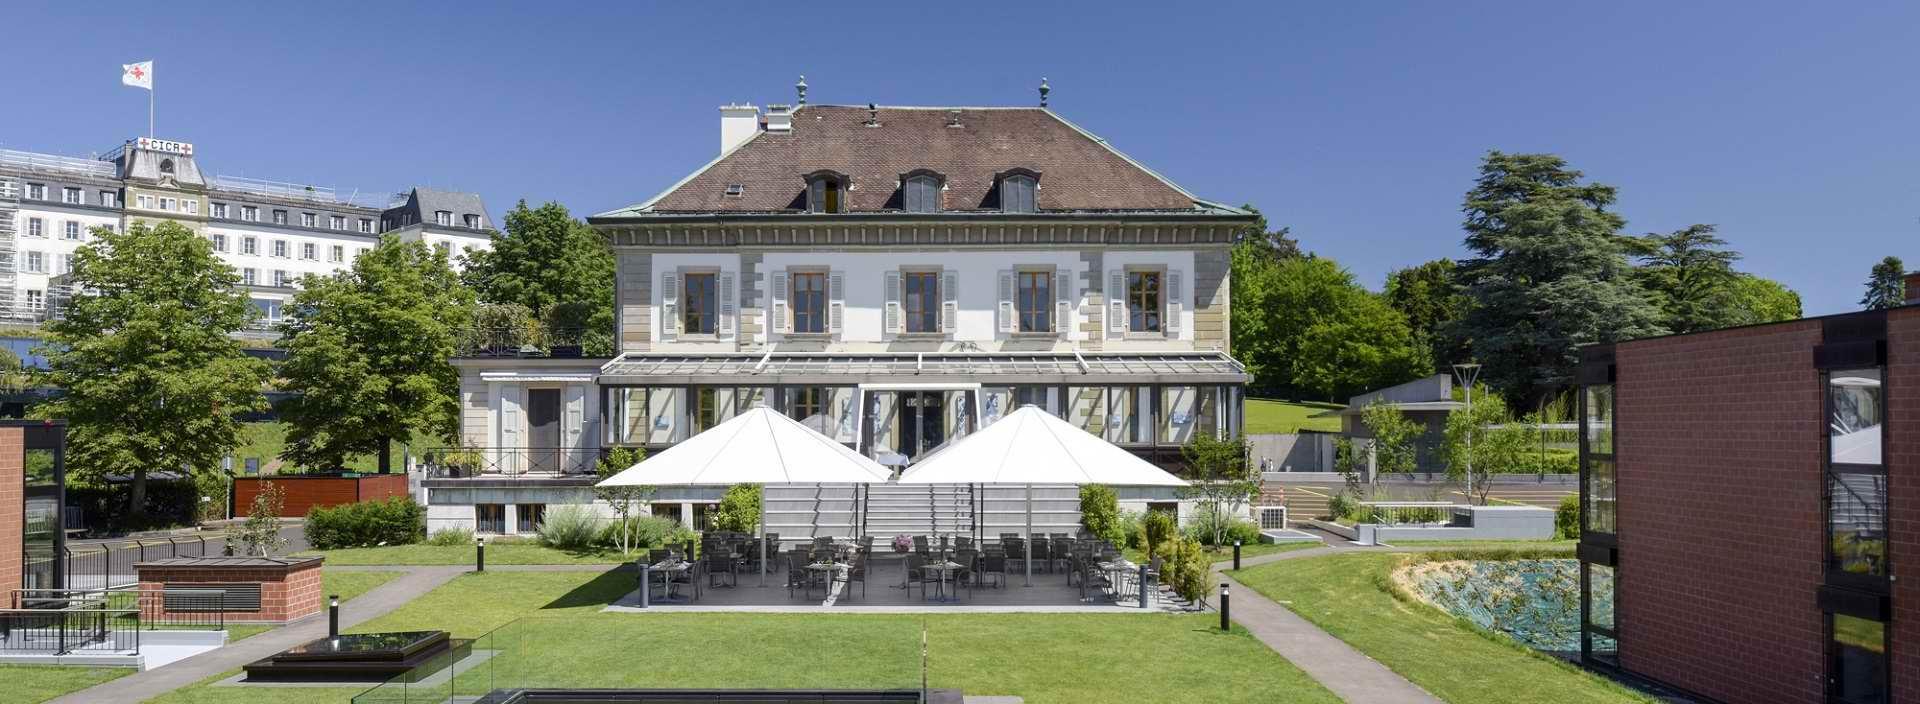 Visite virtuelle de l'Ecole Hôtelière de Genève